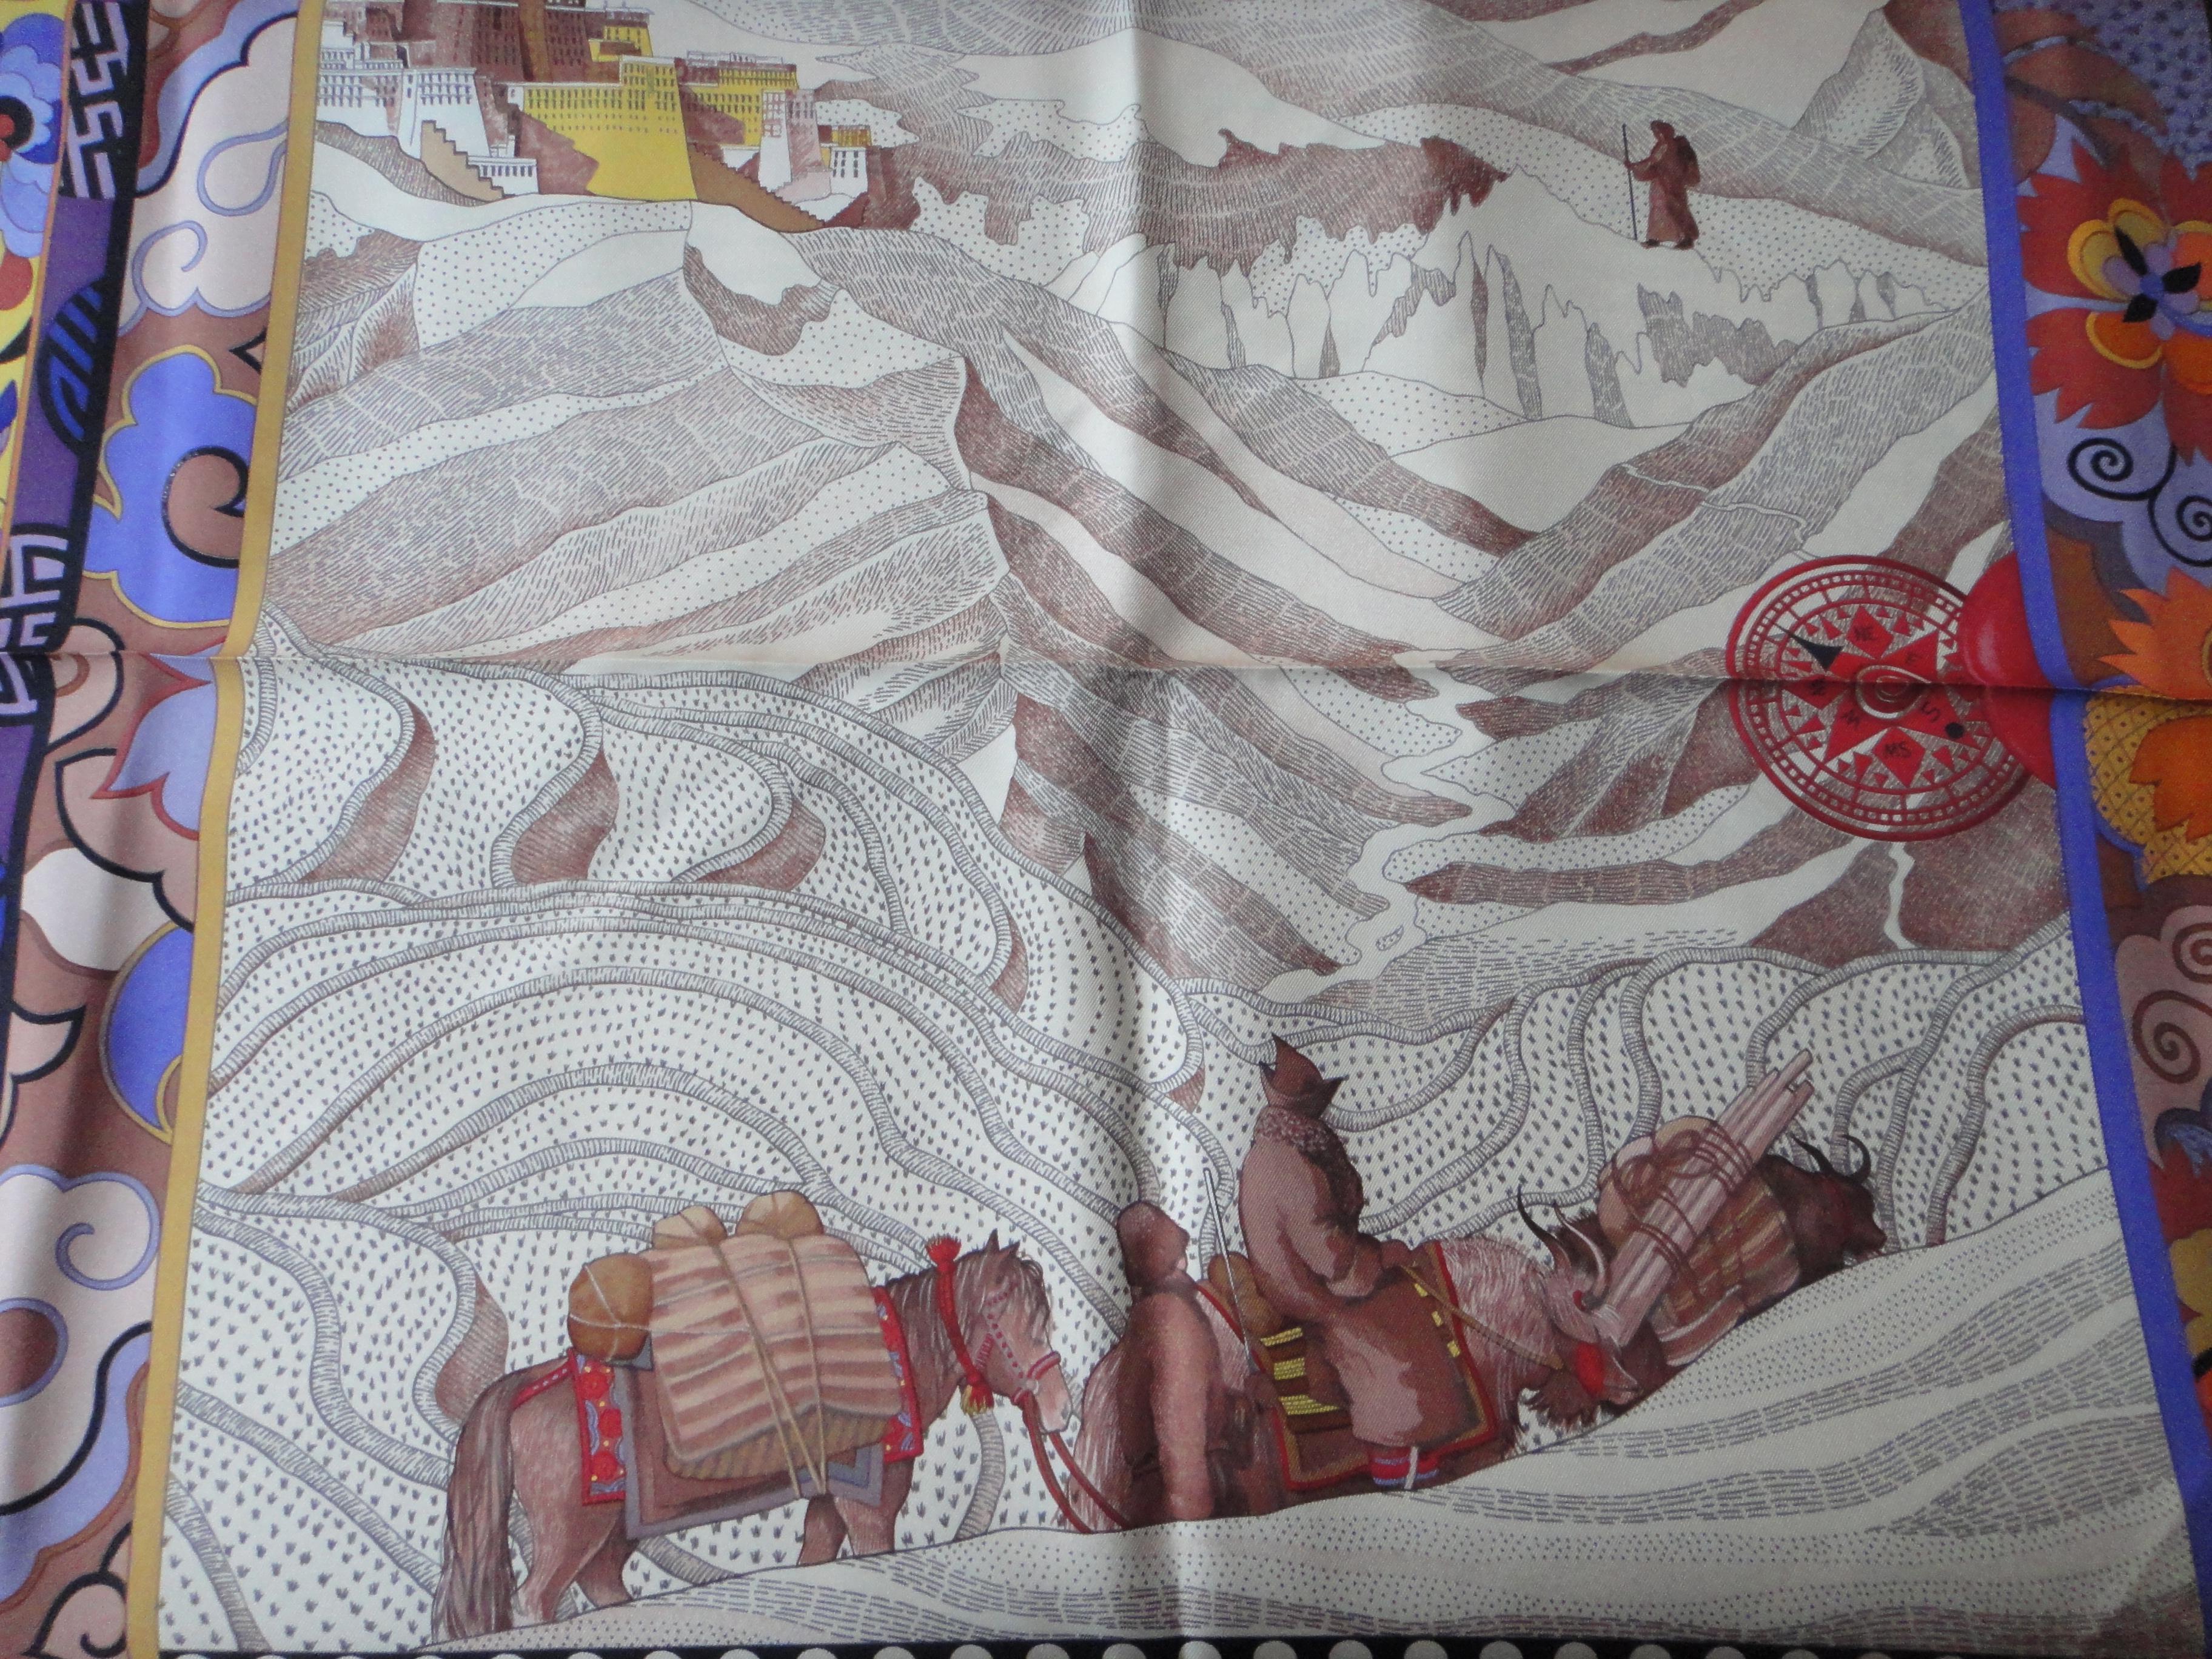 Alexandra David-Neel & Lama Yongden in Tibet